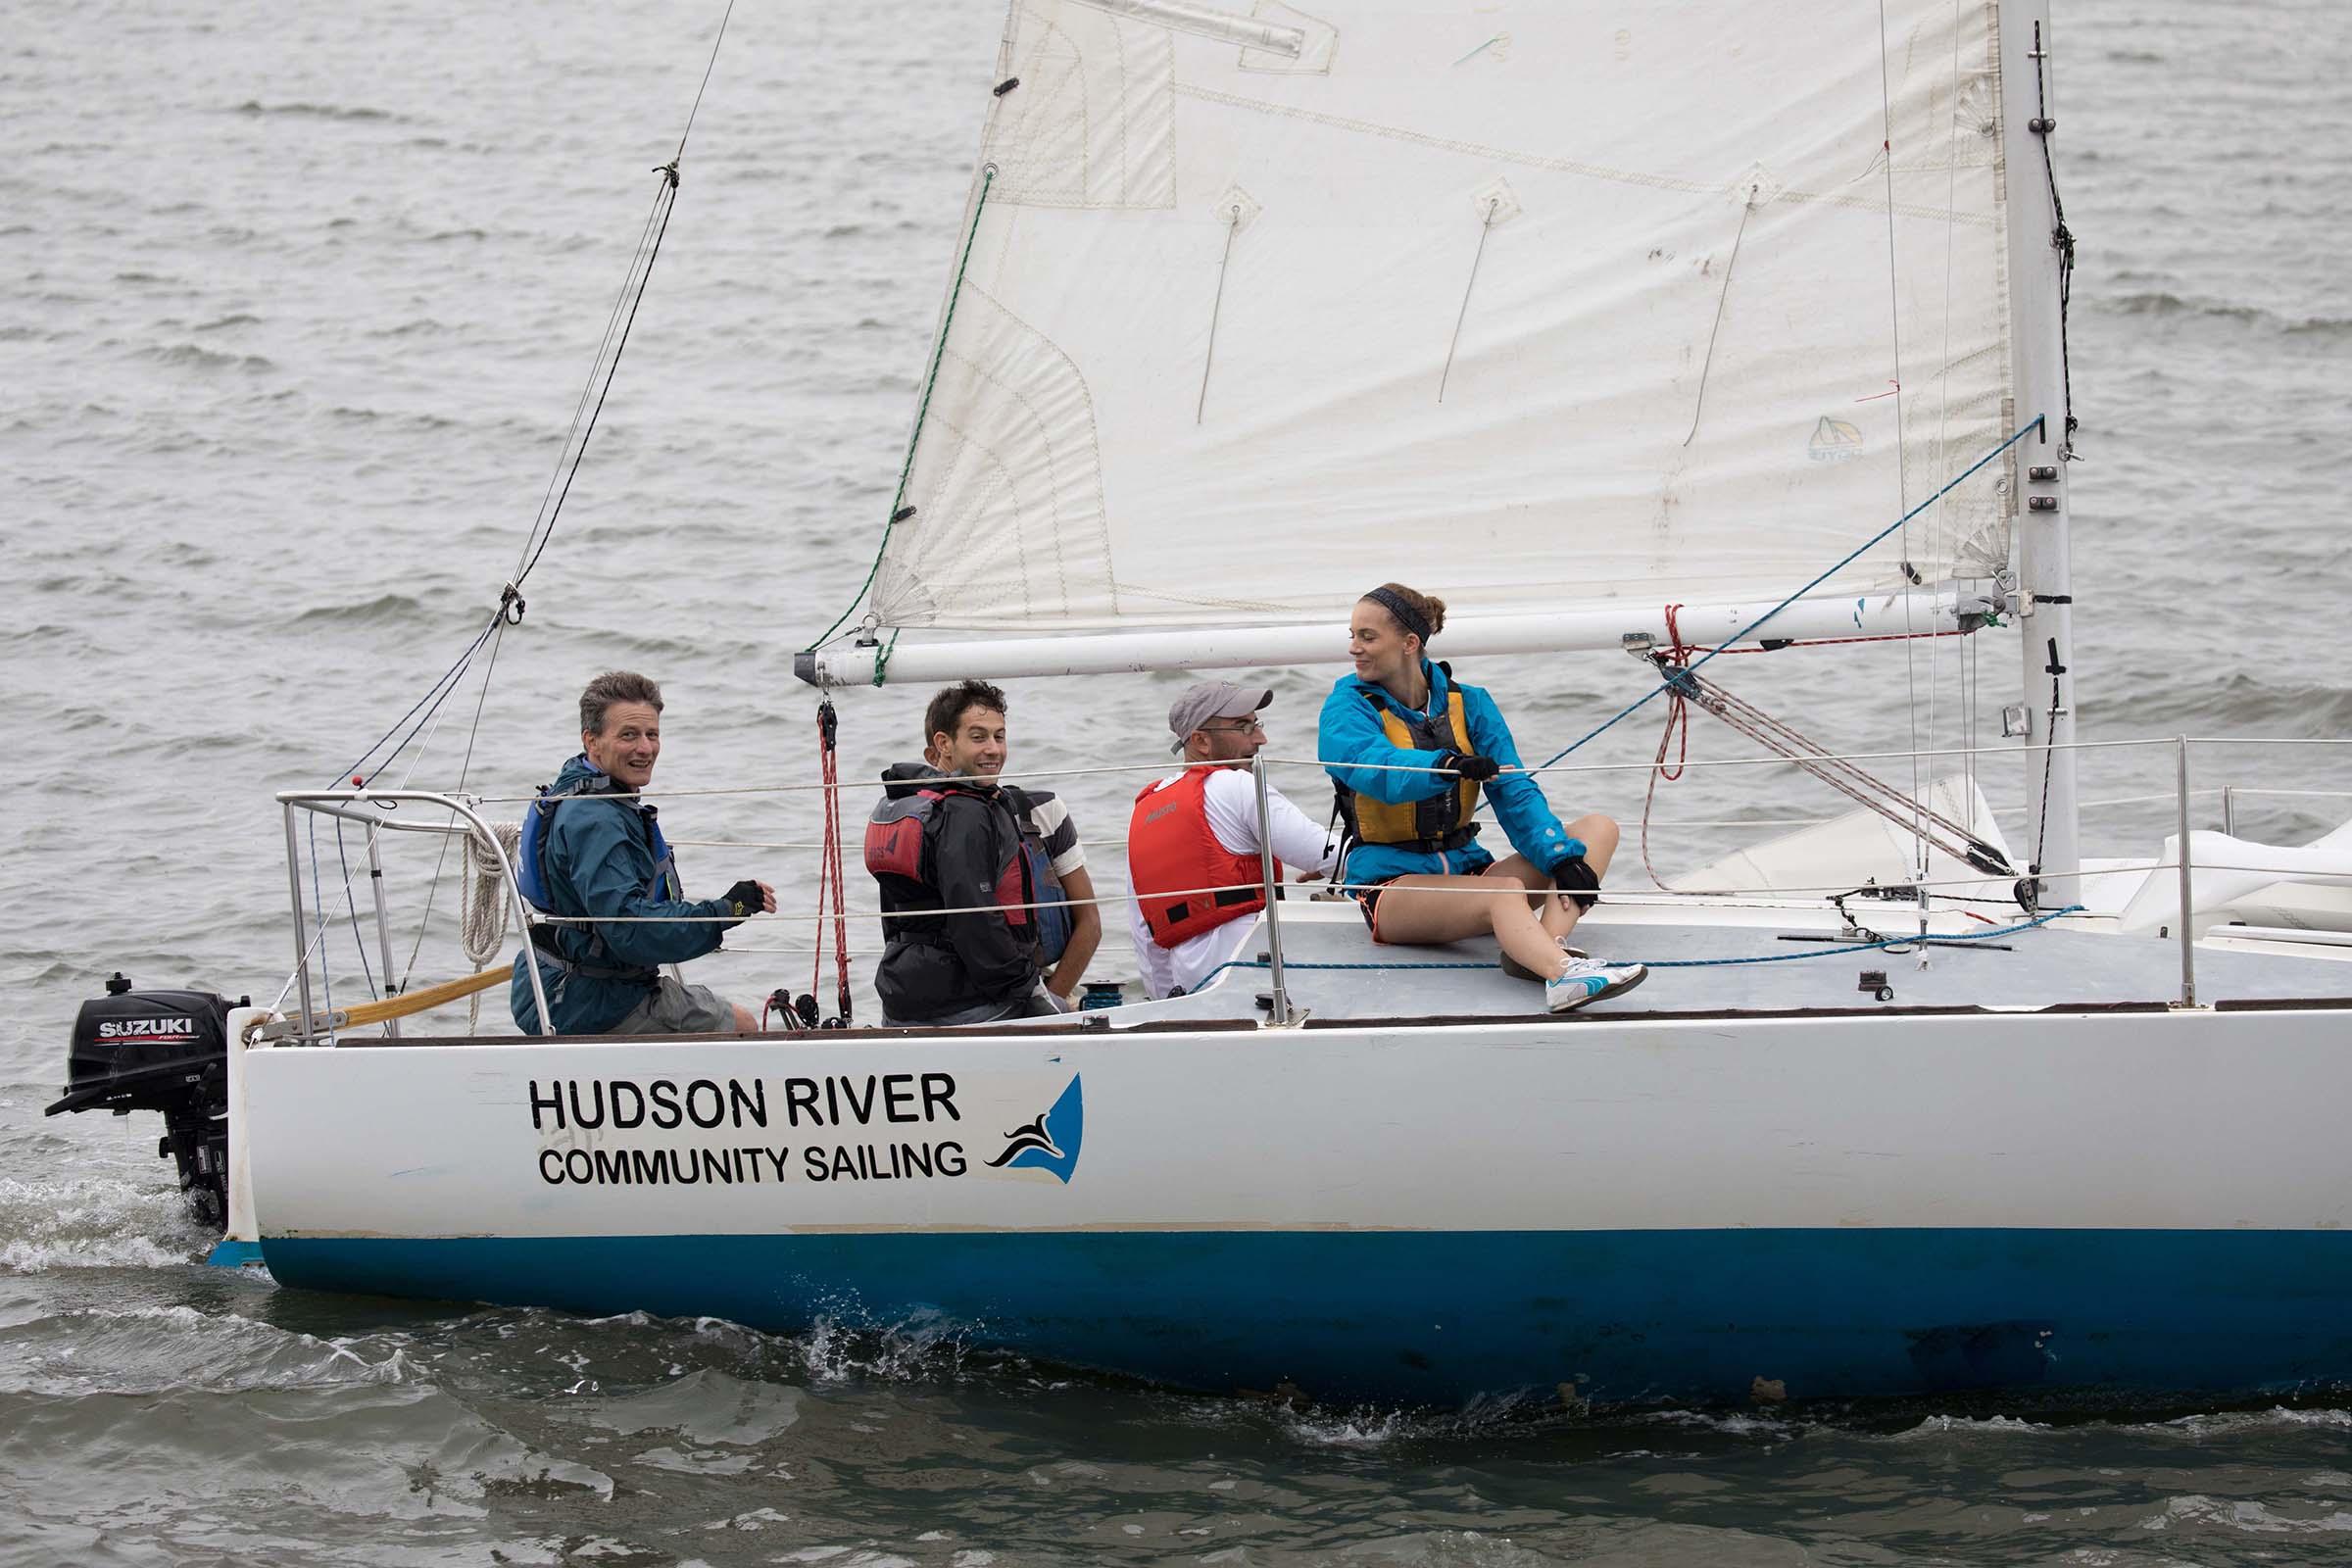 Close up of sailers enjoying a ride at the Hudson River Community Sailing program